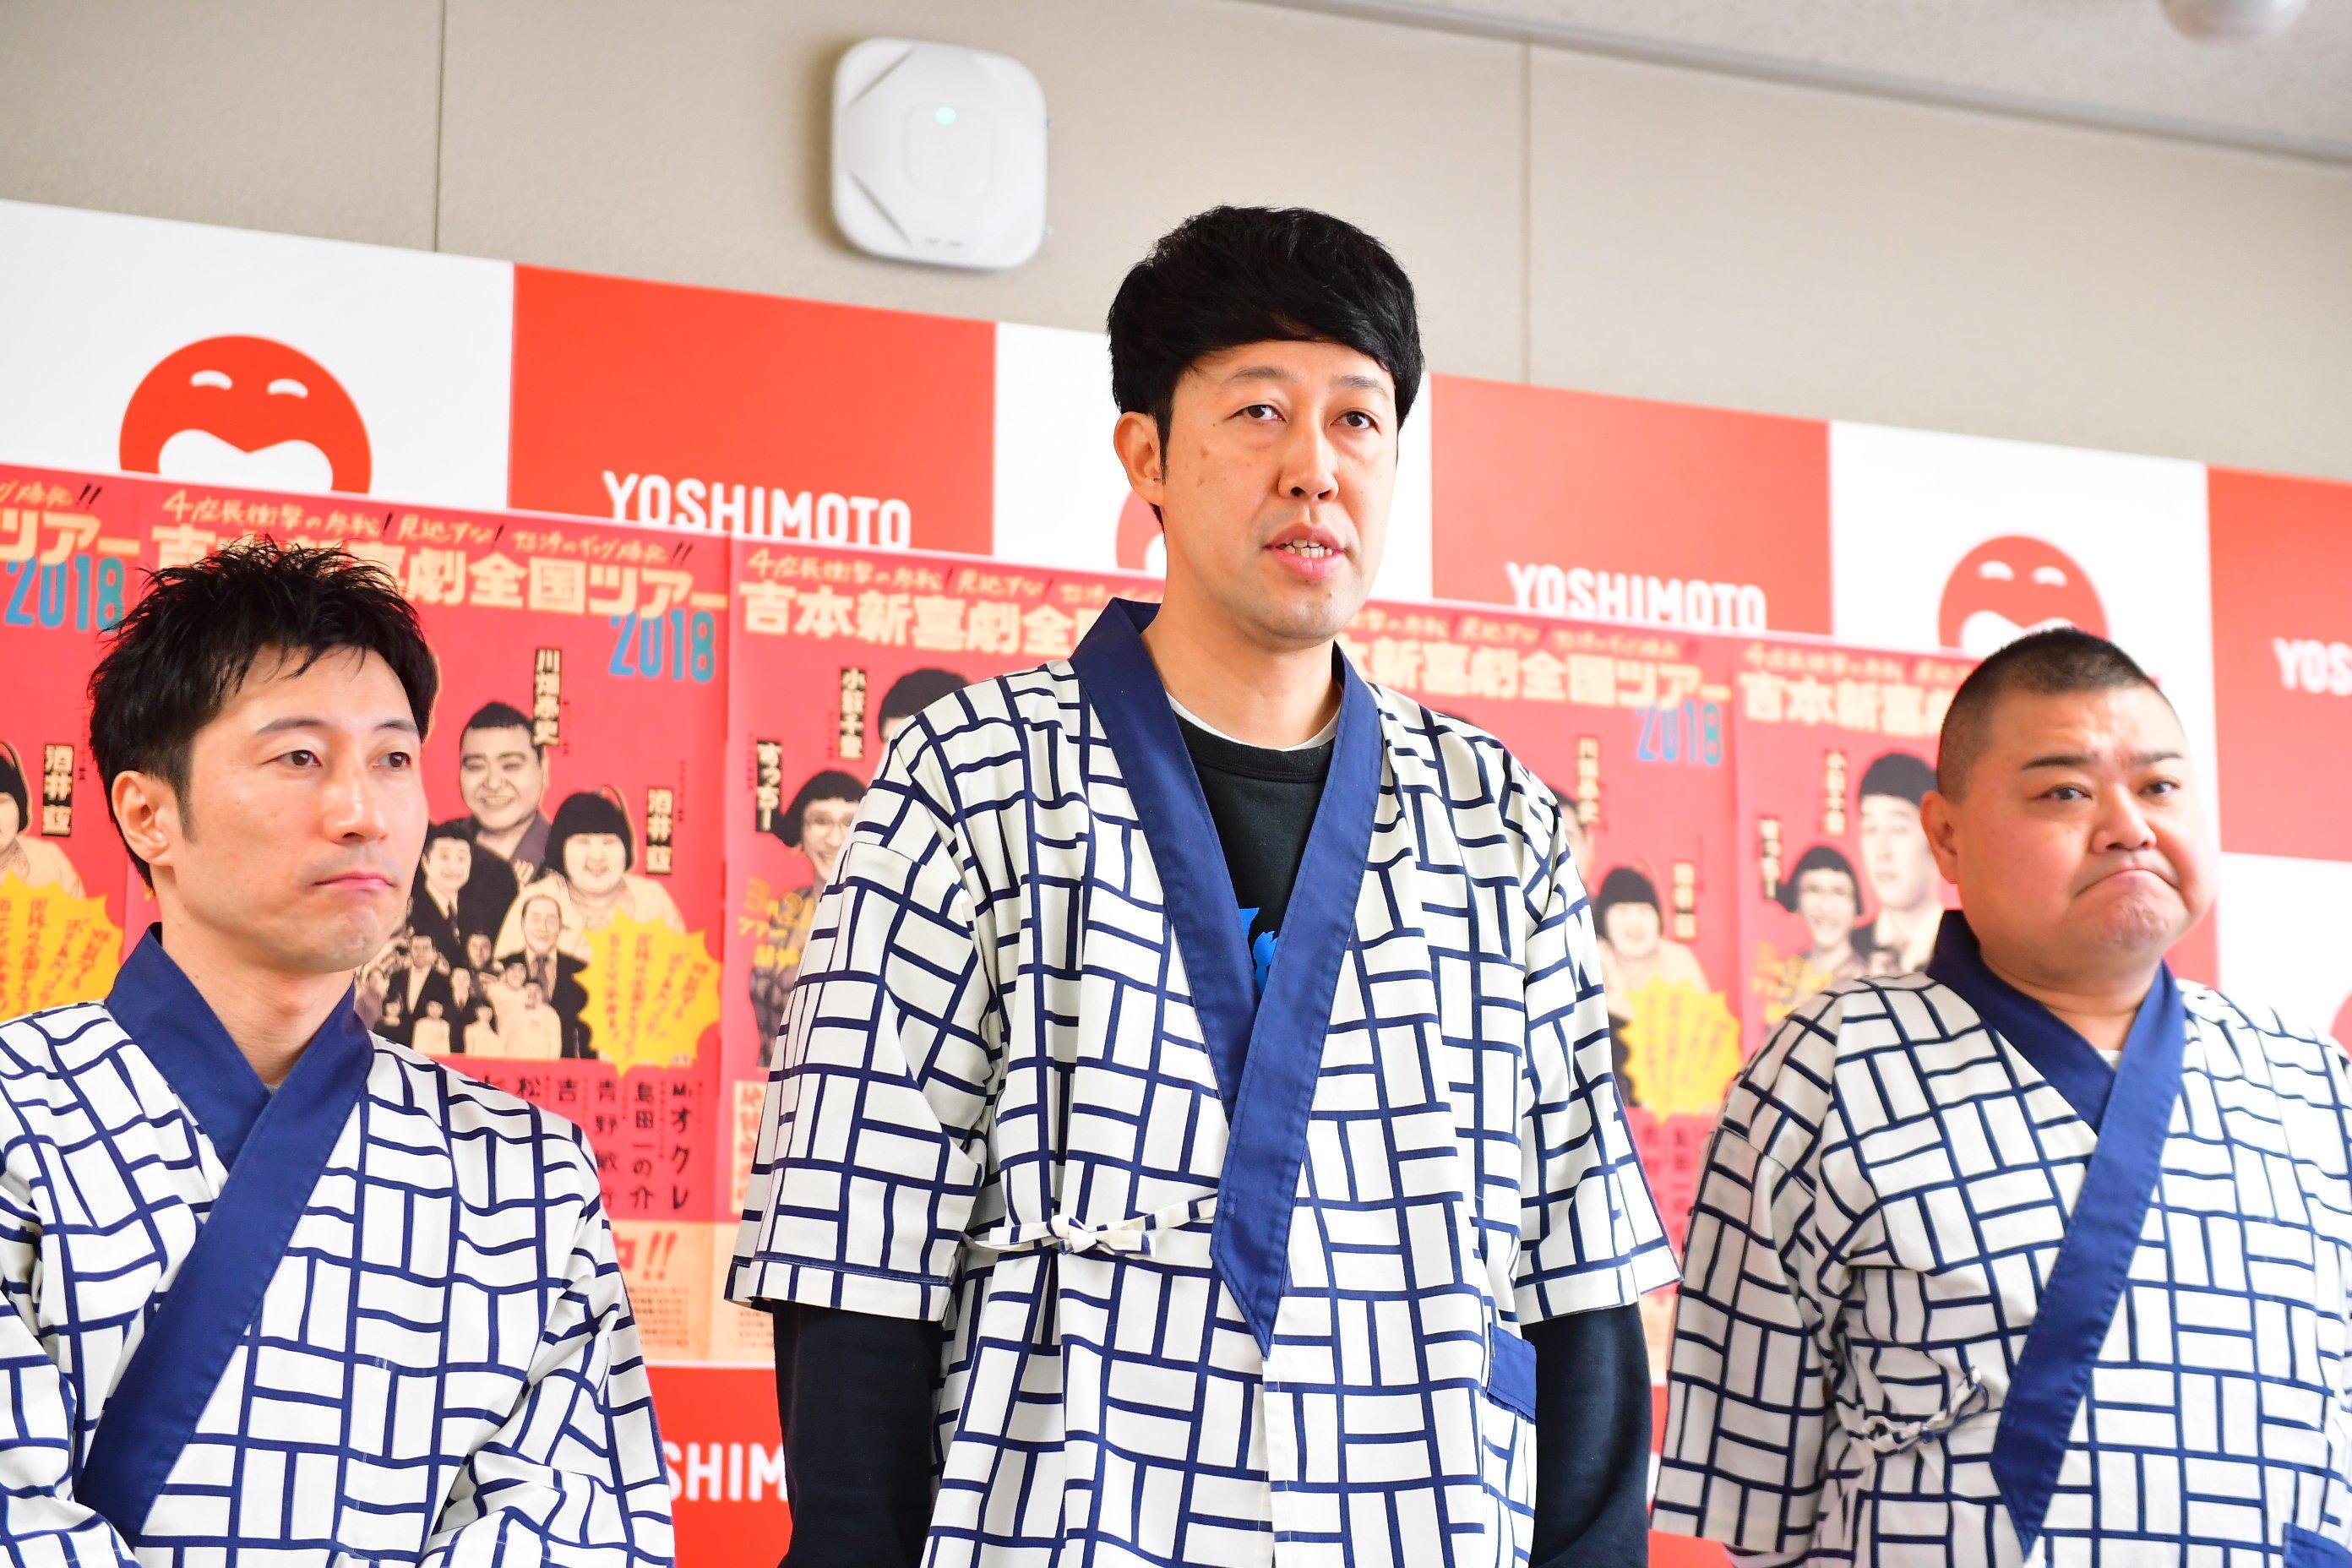 http://news.yoshimoto.co.jp/20180205174834-1511670c5b4ebf4c2cb32c0357b508e25e3101c6.jpg